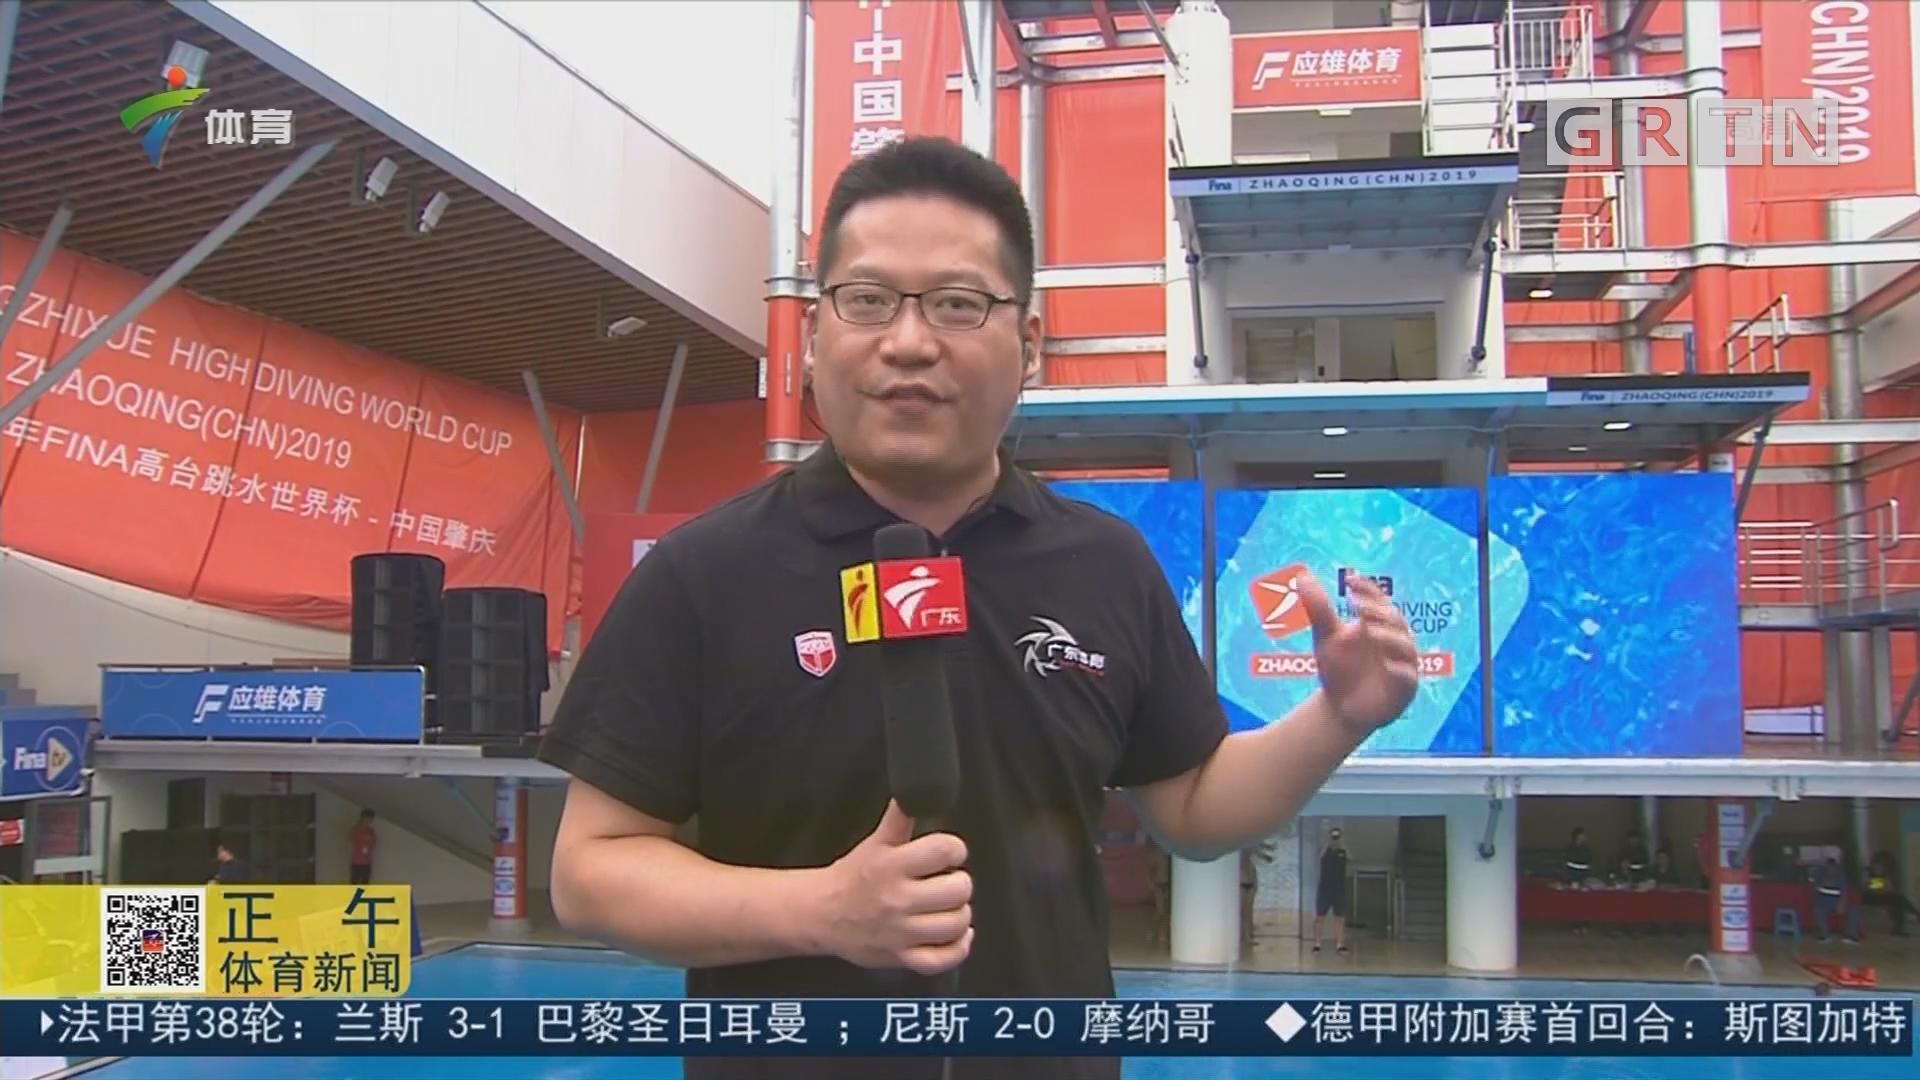 2019年FINA高台跳水世界杯在肇庆开赛